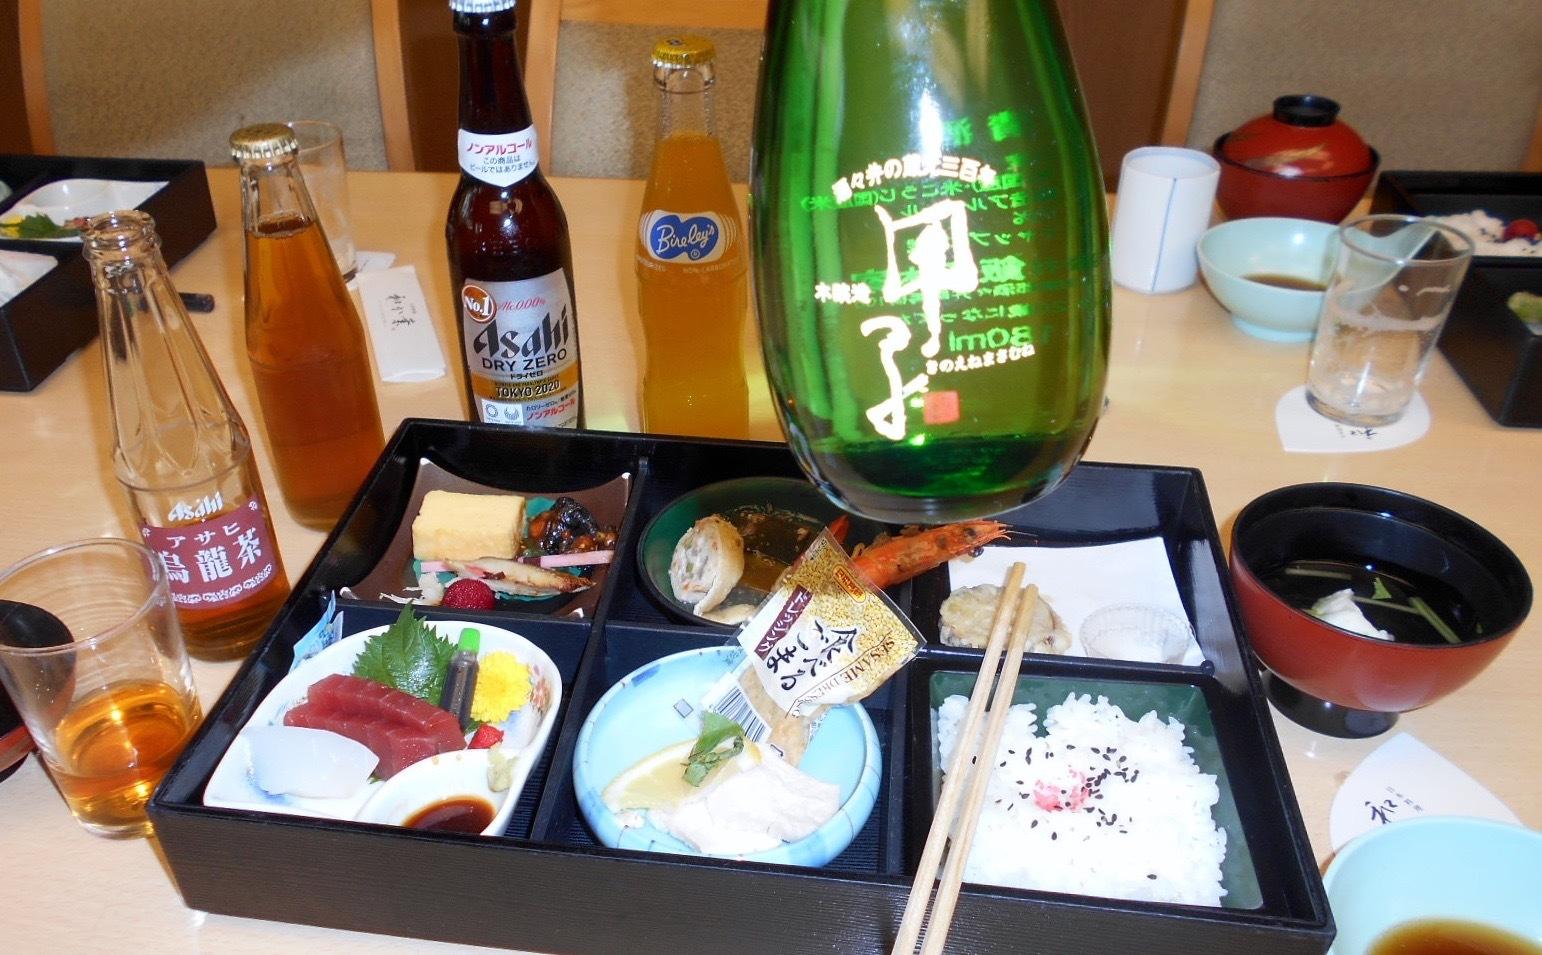 kinoene_masamune_honjozo30by1.jpg